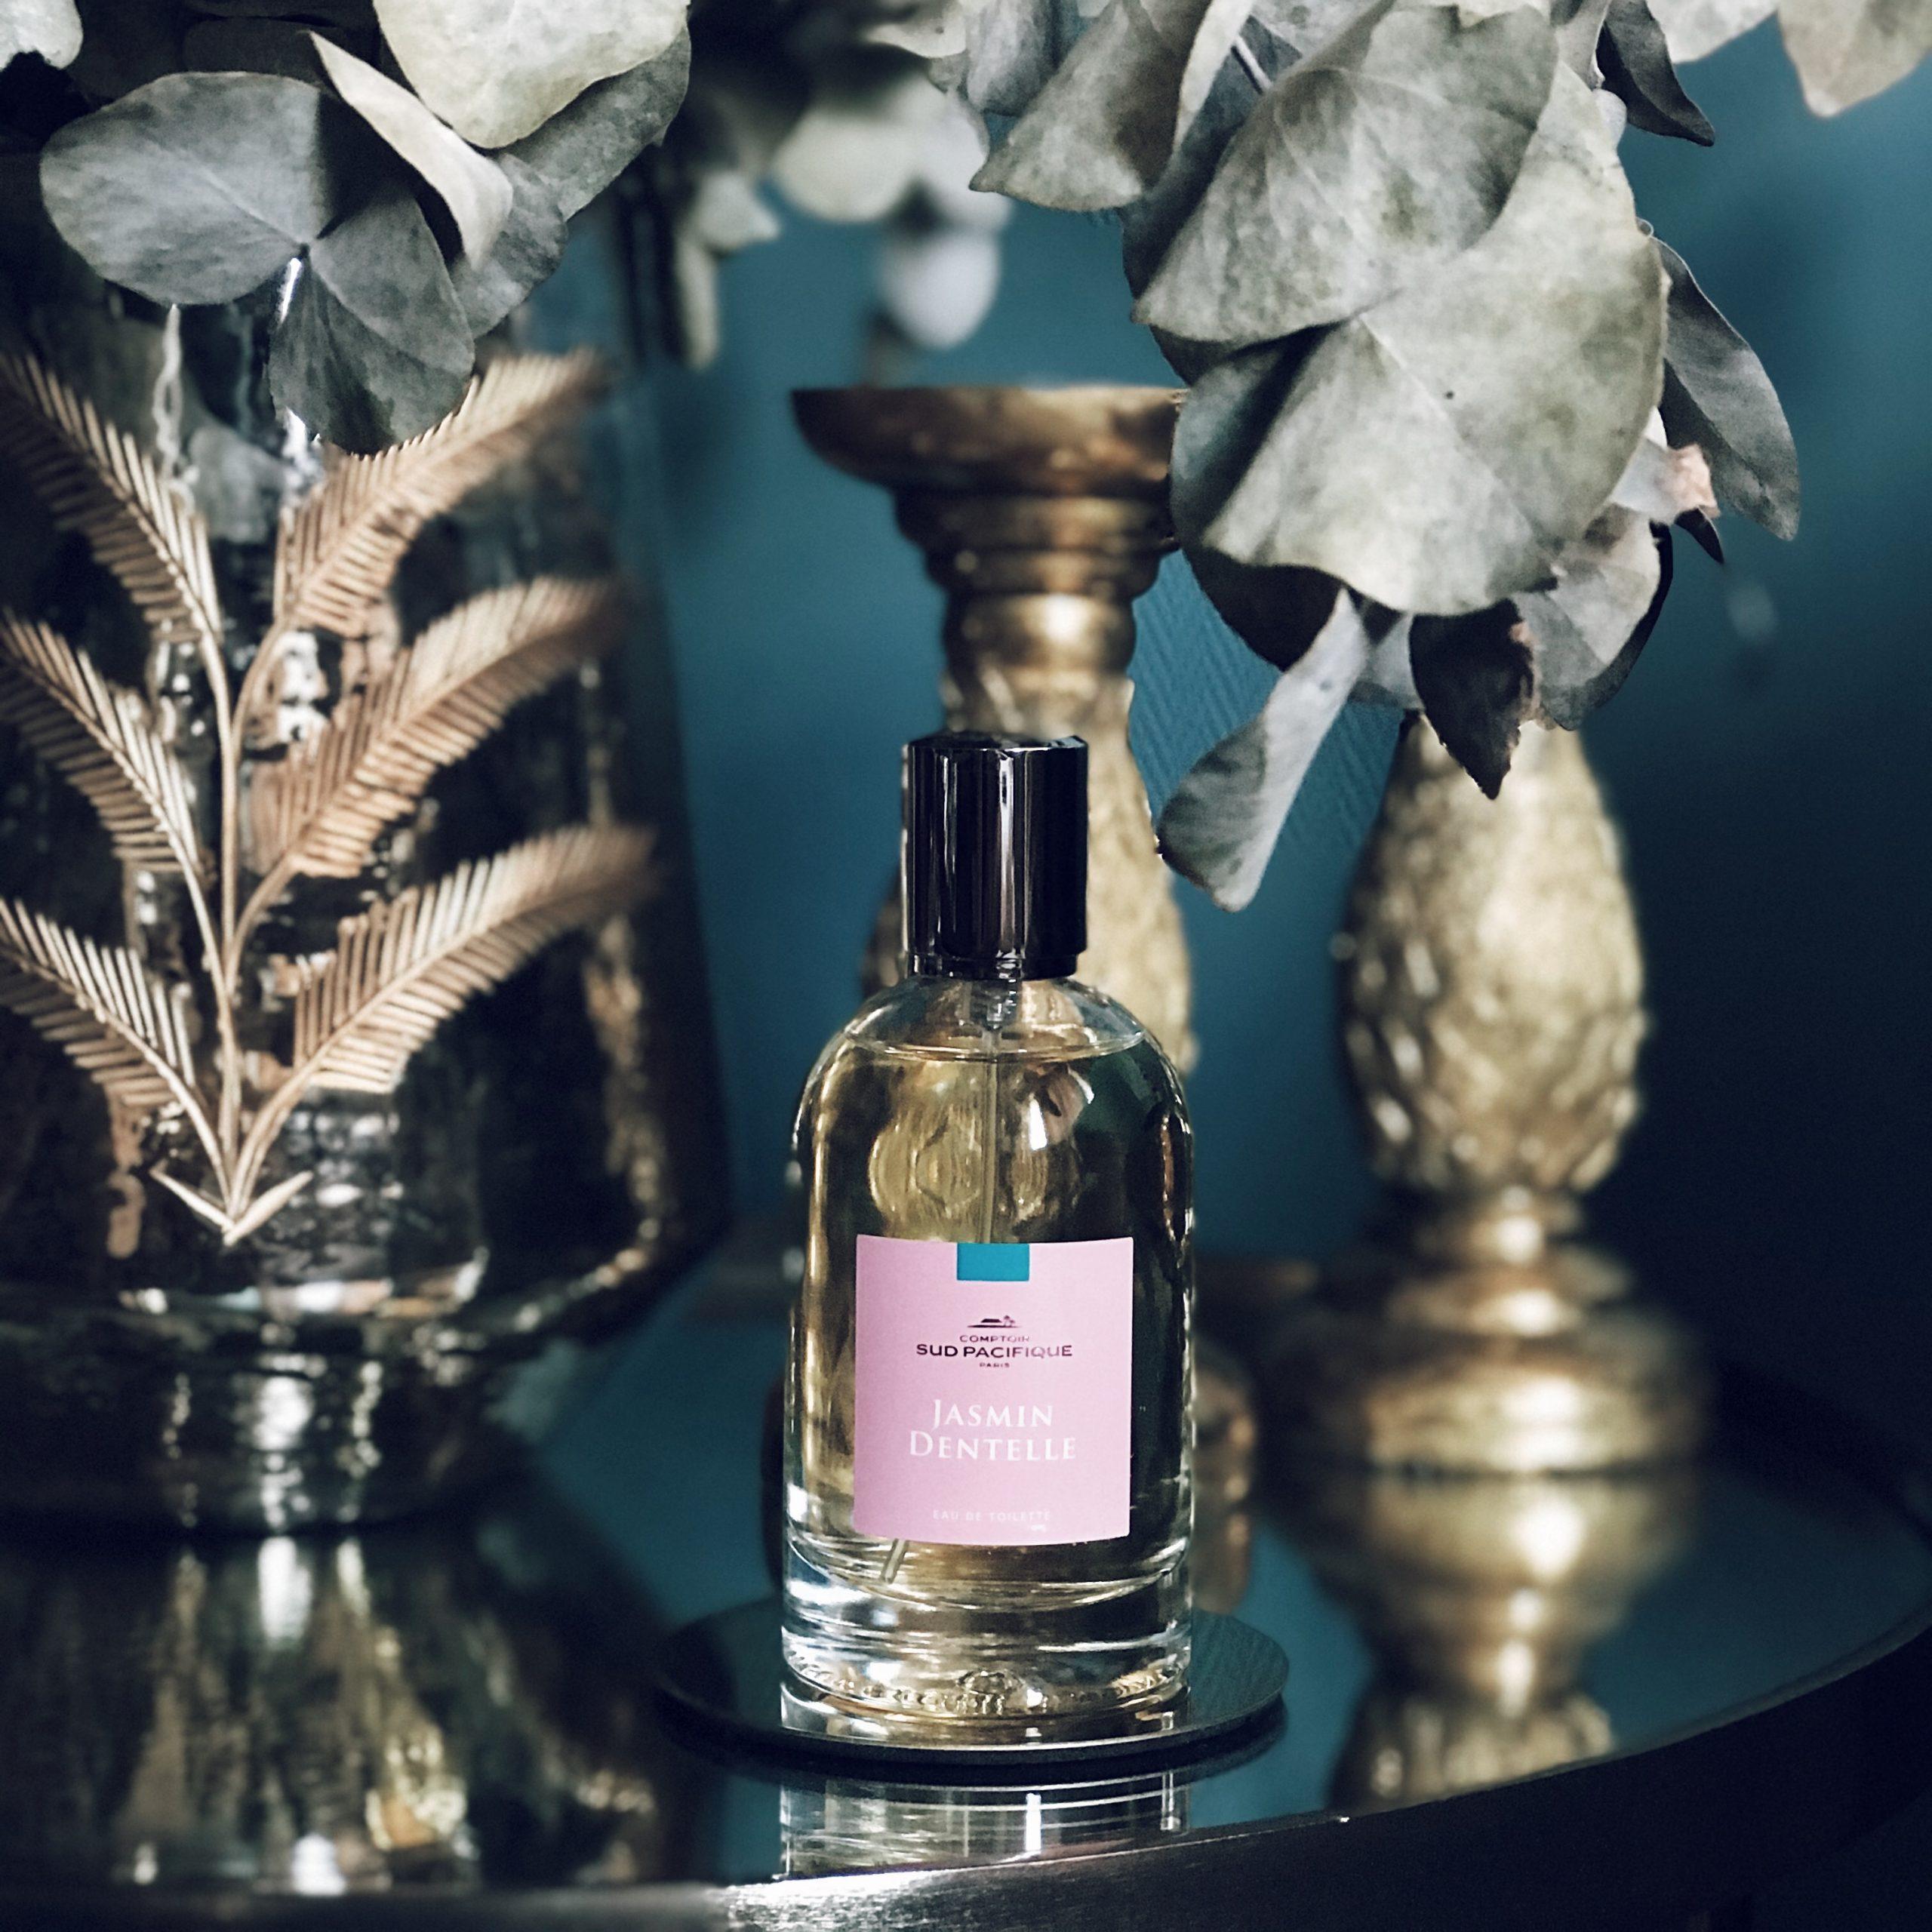 Séléction Parfums de Niche: Mizensir, l'Envers du ParadisComptoir Sud Pacifique - Dentelle Jasmin